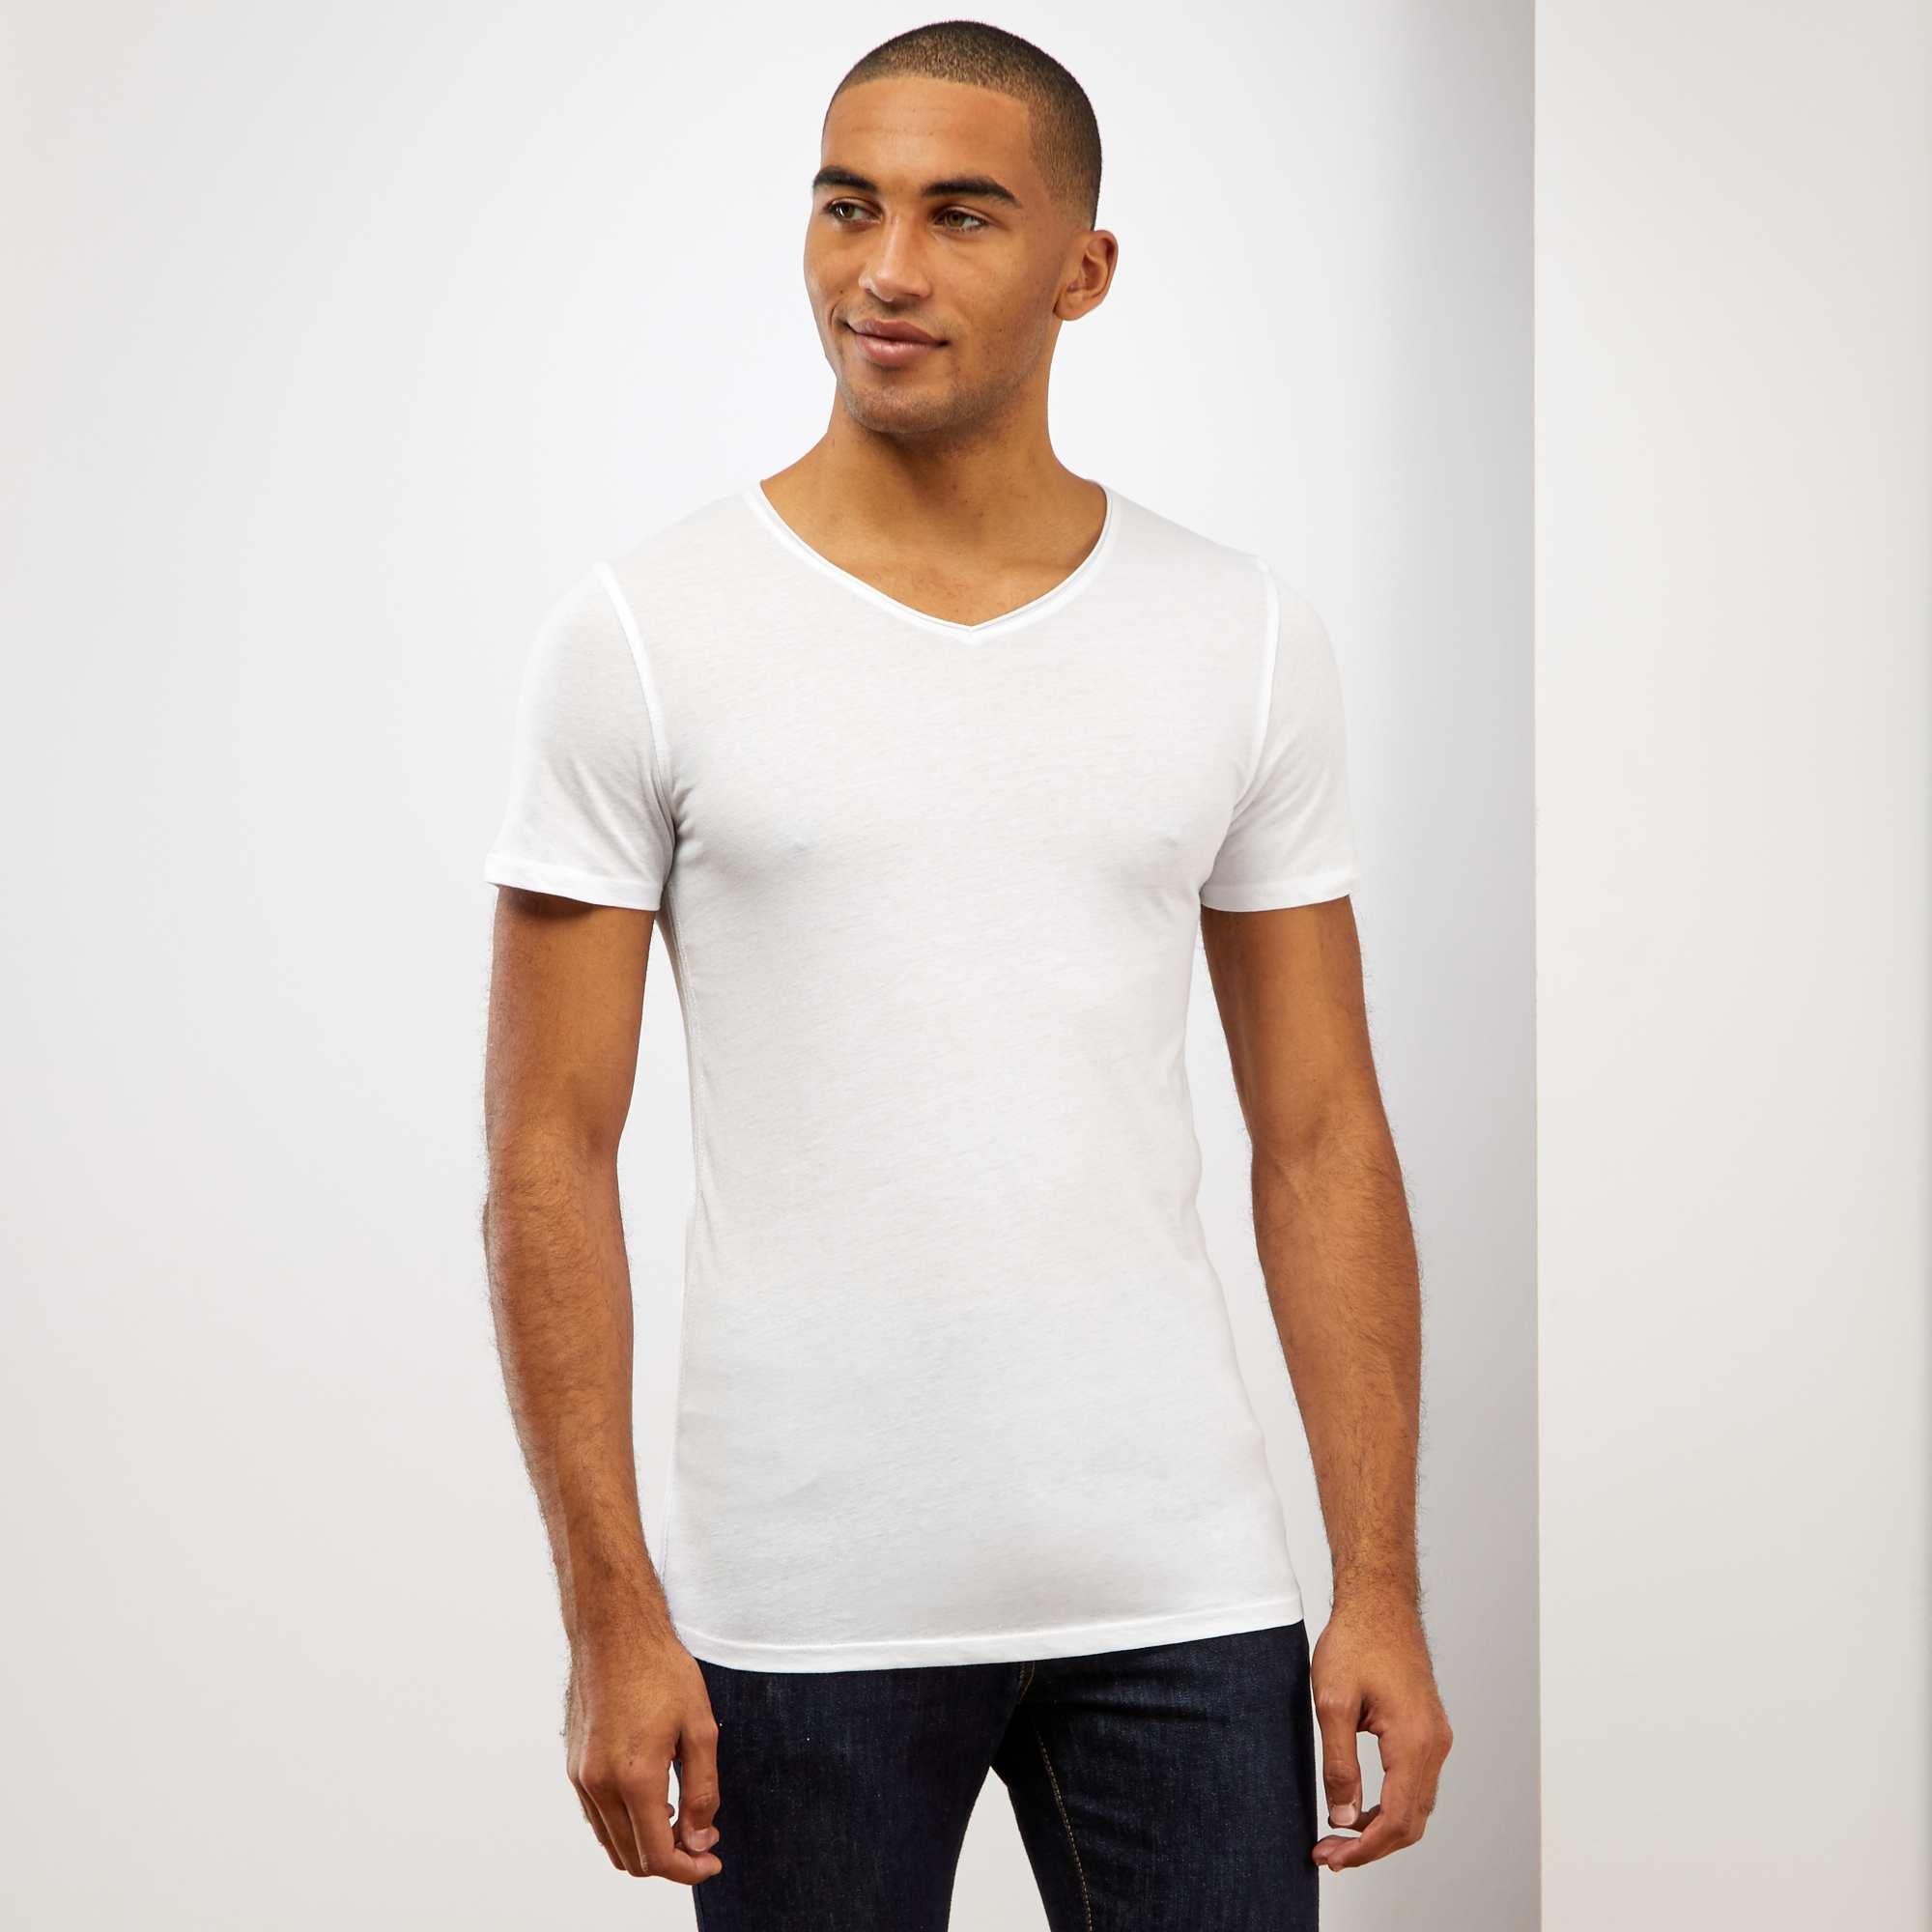 Couleur : blanc, , ,, - Taille : XL, , ,,Un basique indispensable et facile à coordonner à vos tenues. On craque pour son petit